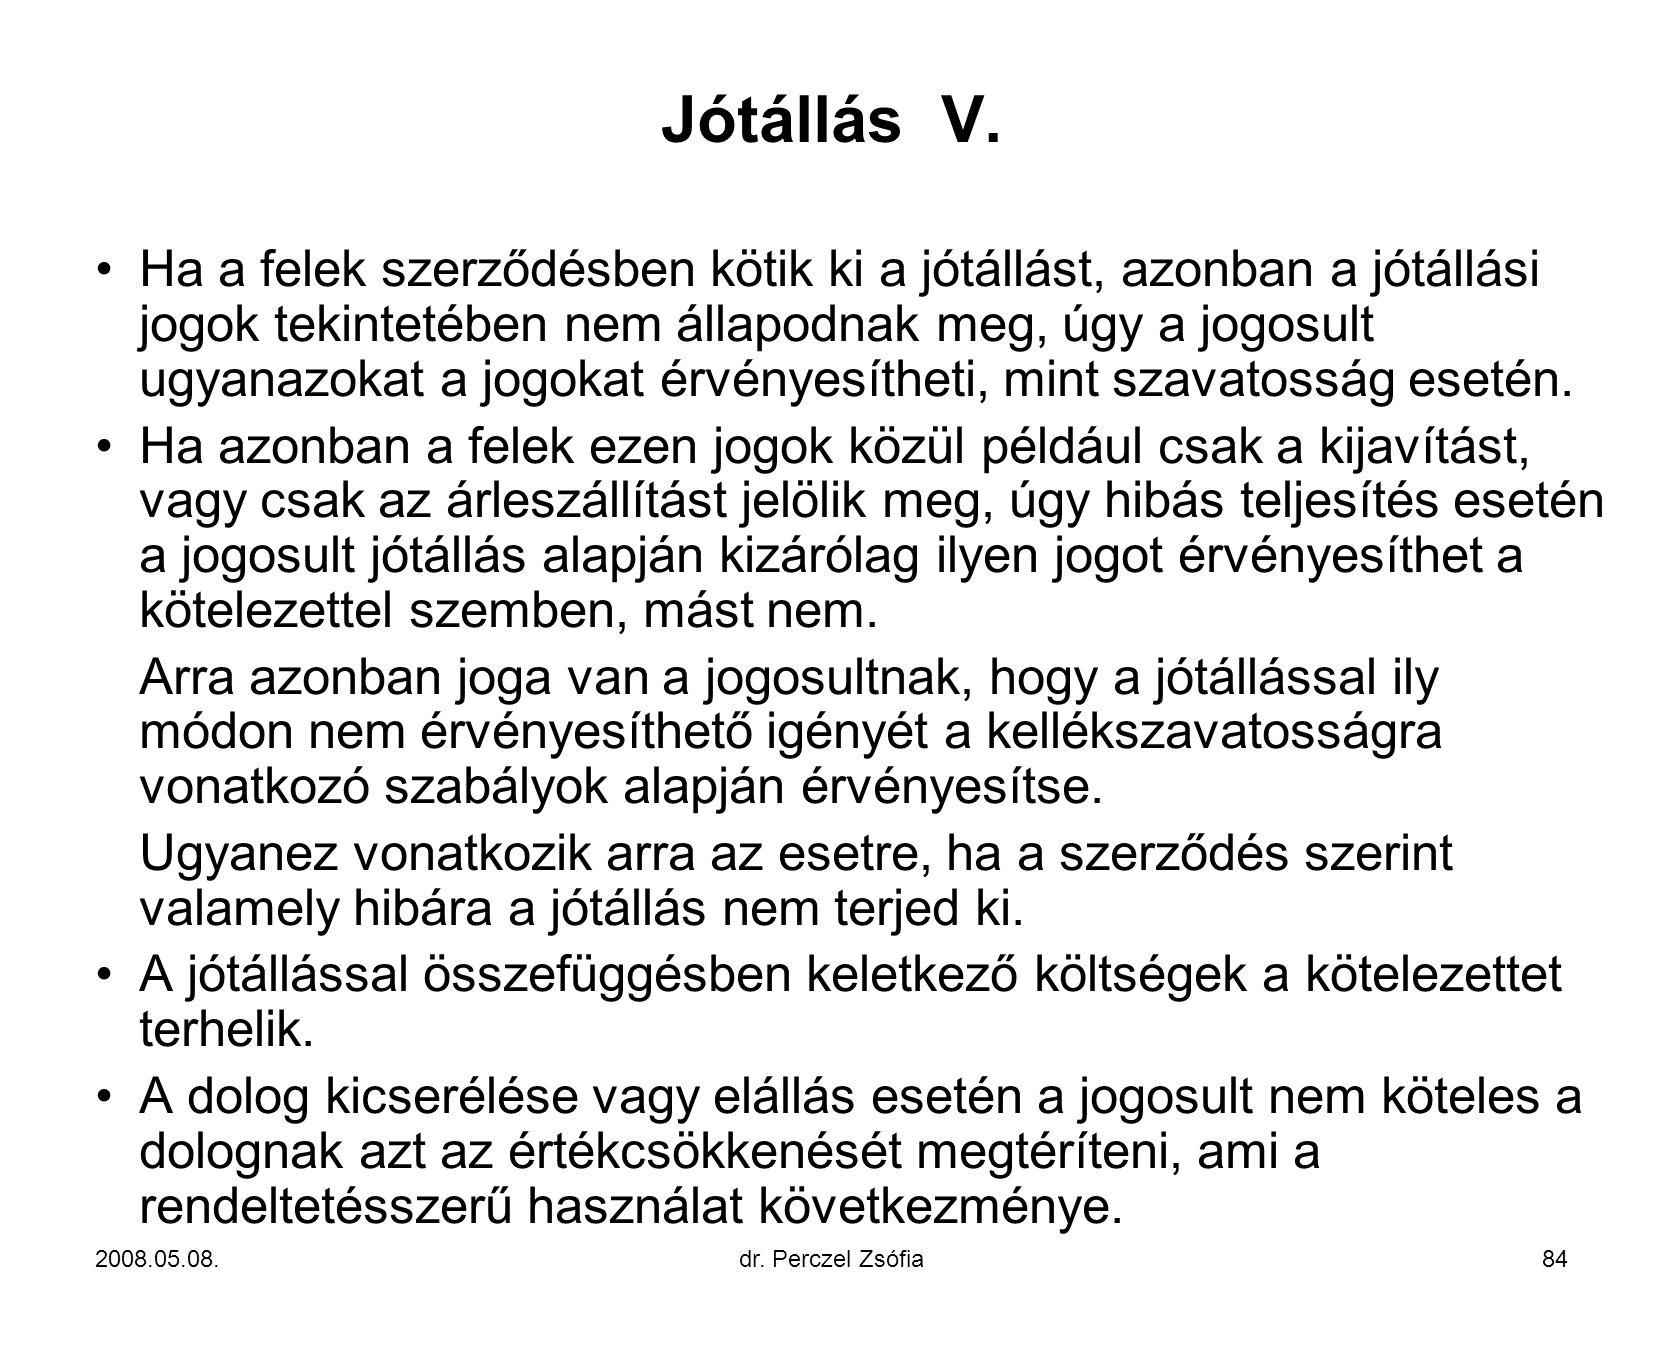 Jótállás V.